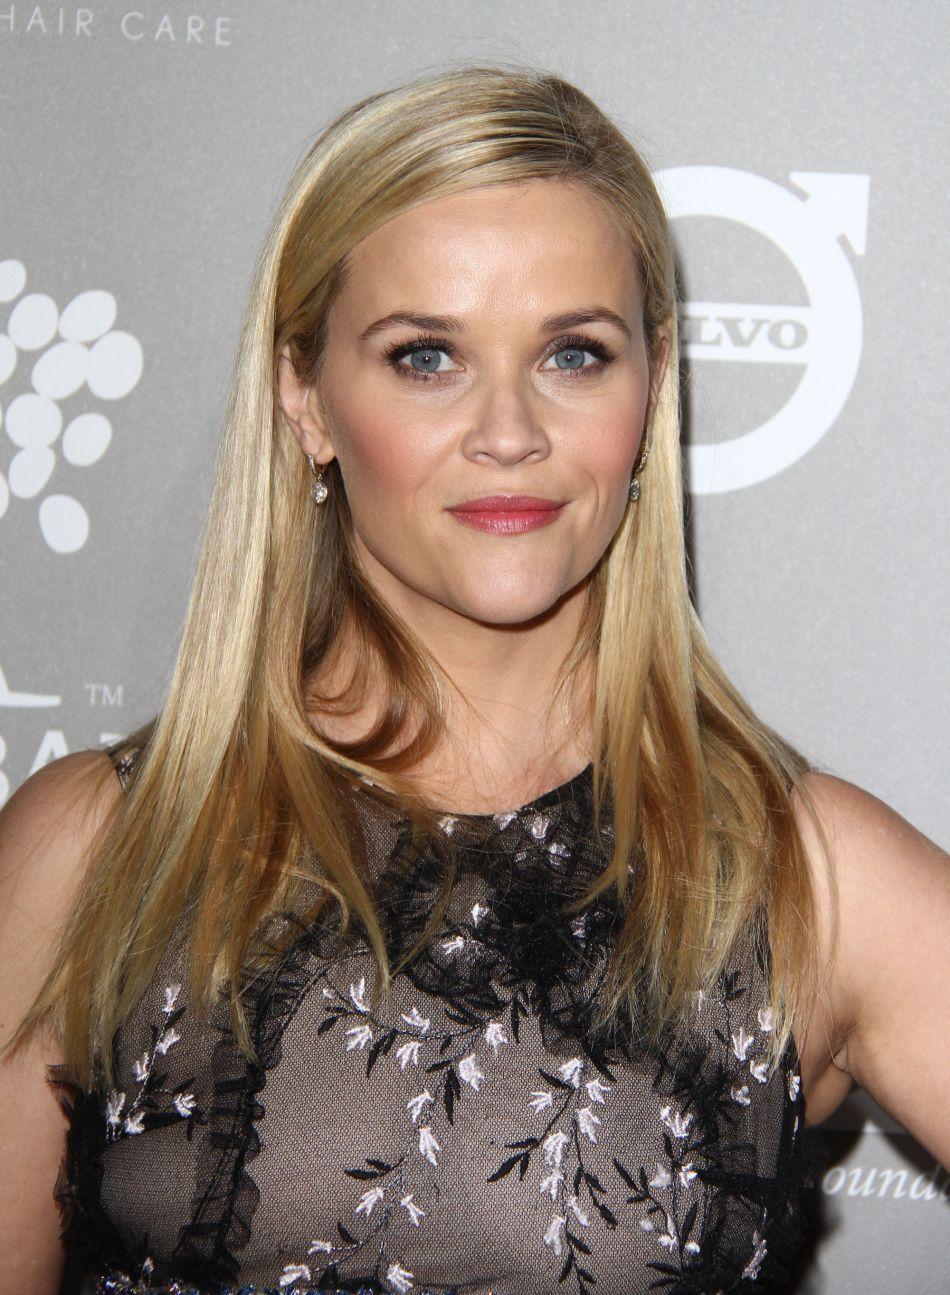 La fille de Reese Witherspoon est très active sur Instagram, comme sa mère.